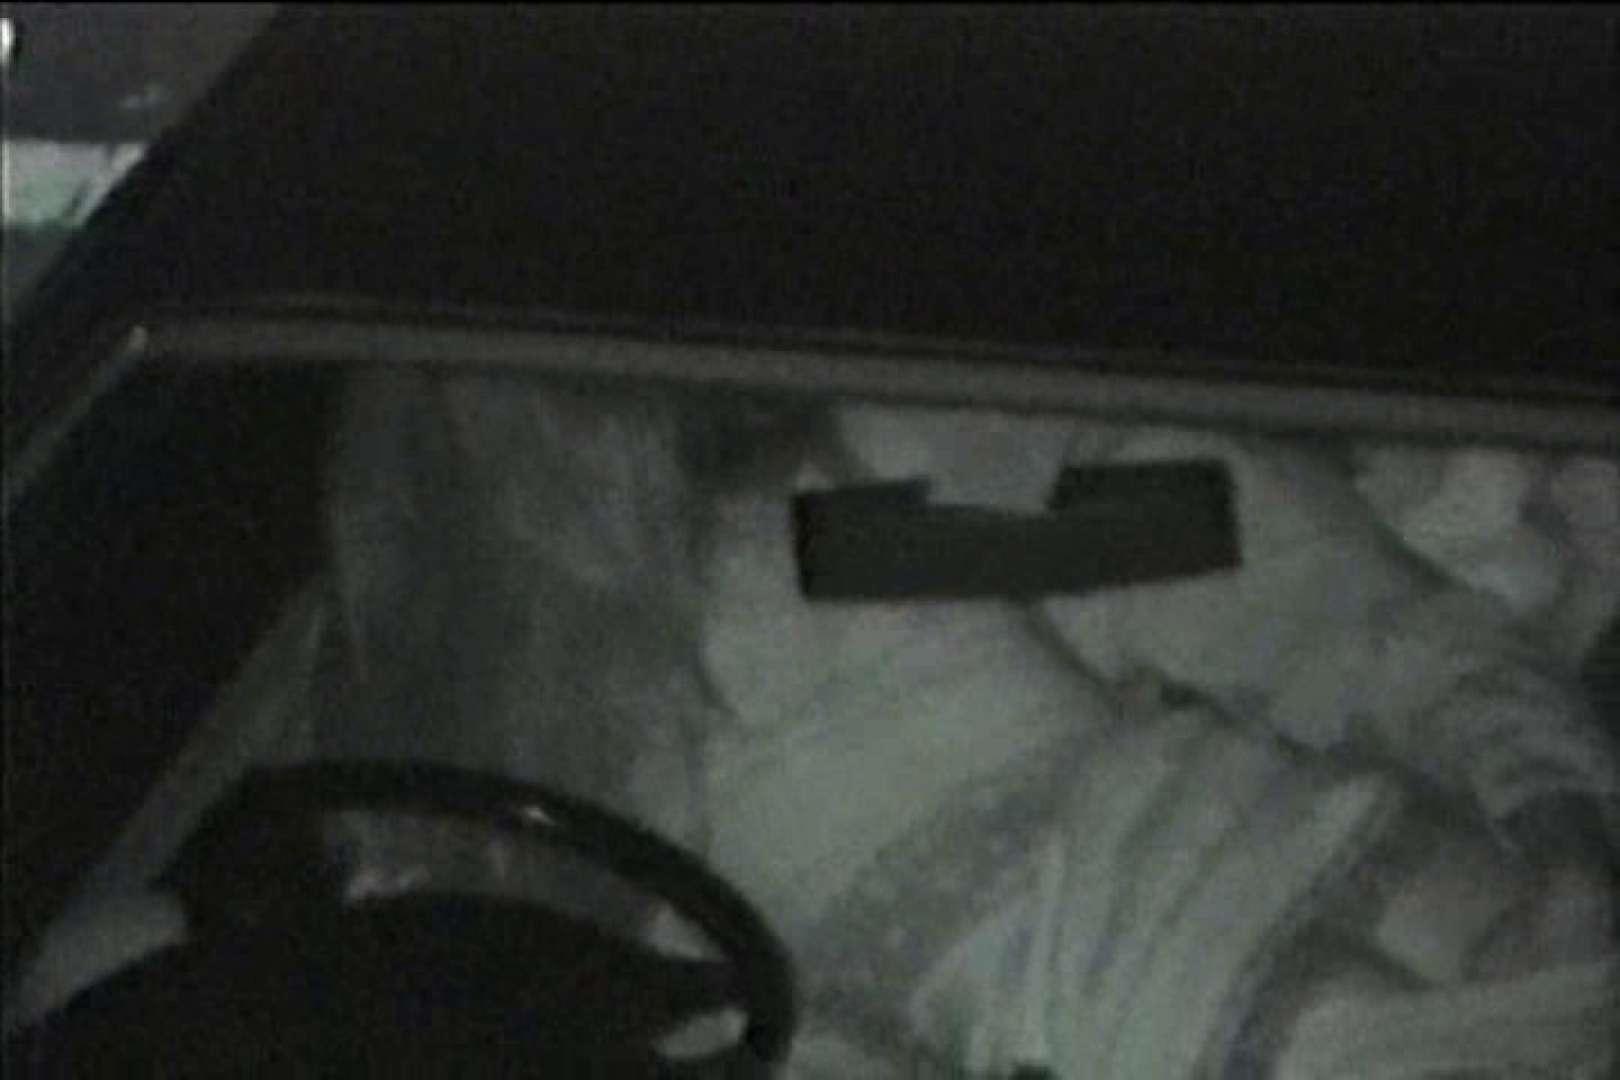 車の中はラブホテル 無修正版  Vol.7 セックス流出映像 ヌード画像 96連発 83